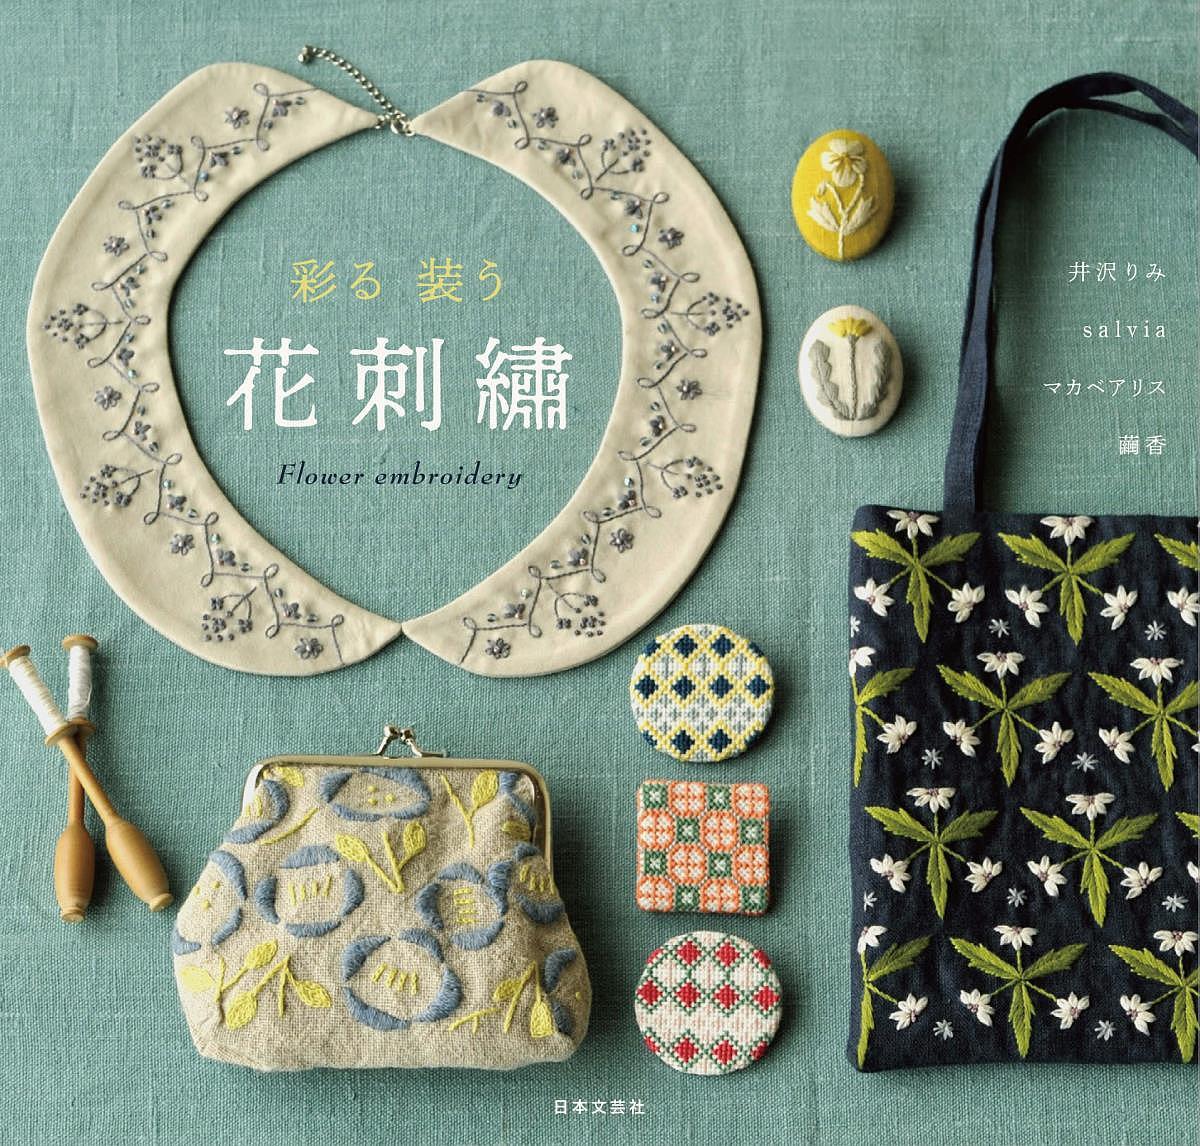 彩る 装う 花刺繍